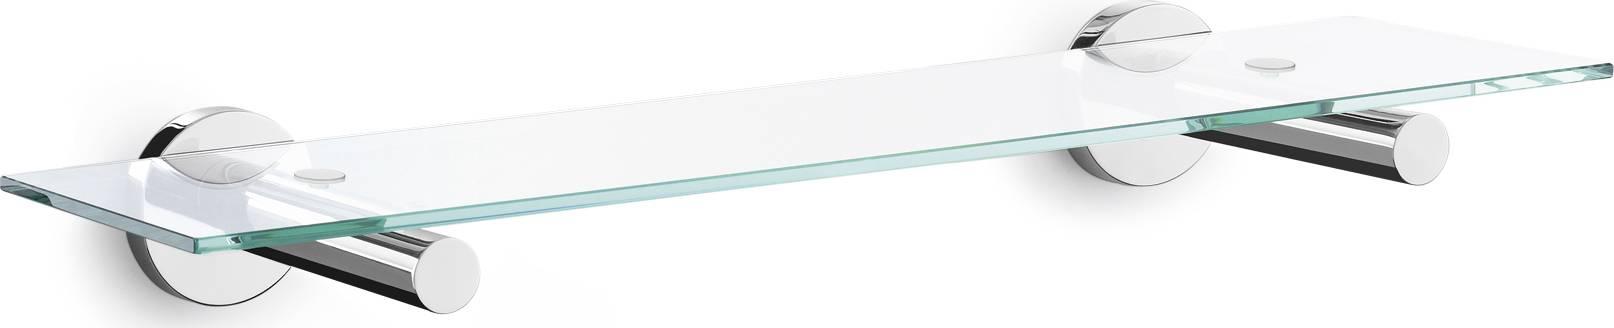 SCALA koupelnová polička, šířka 50 cm, výška 6 c 40006 Zack